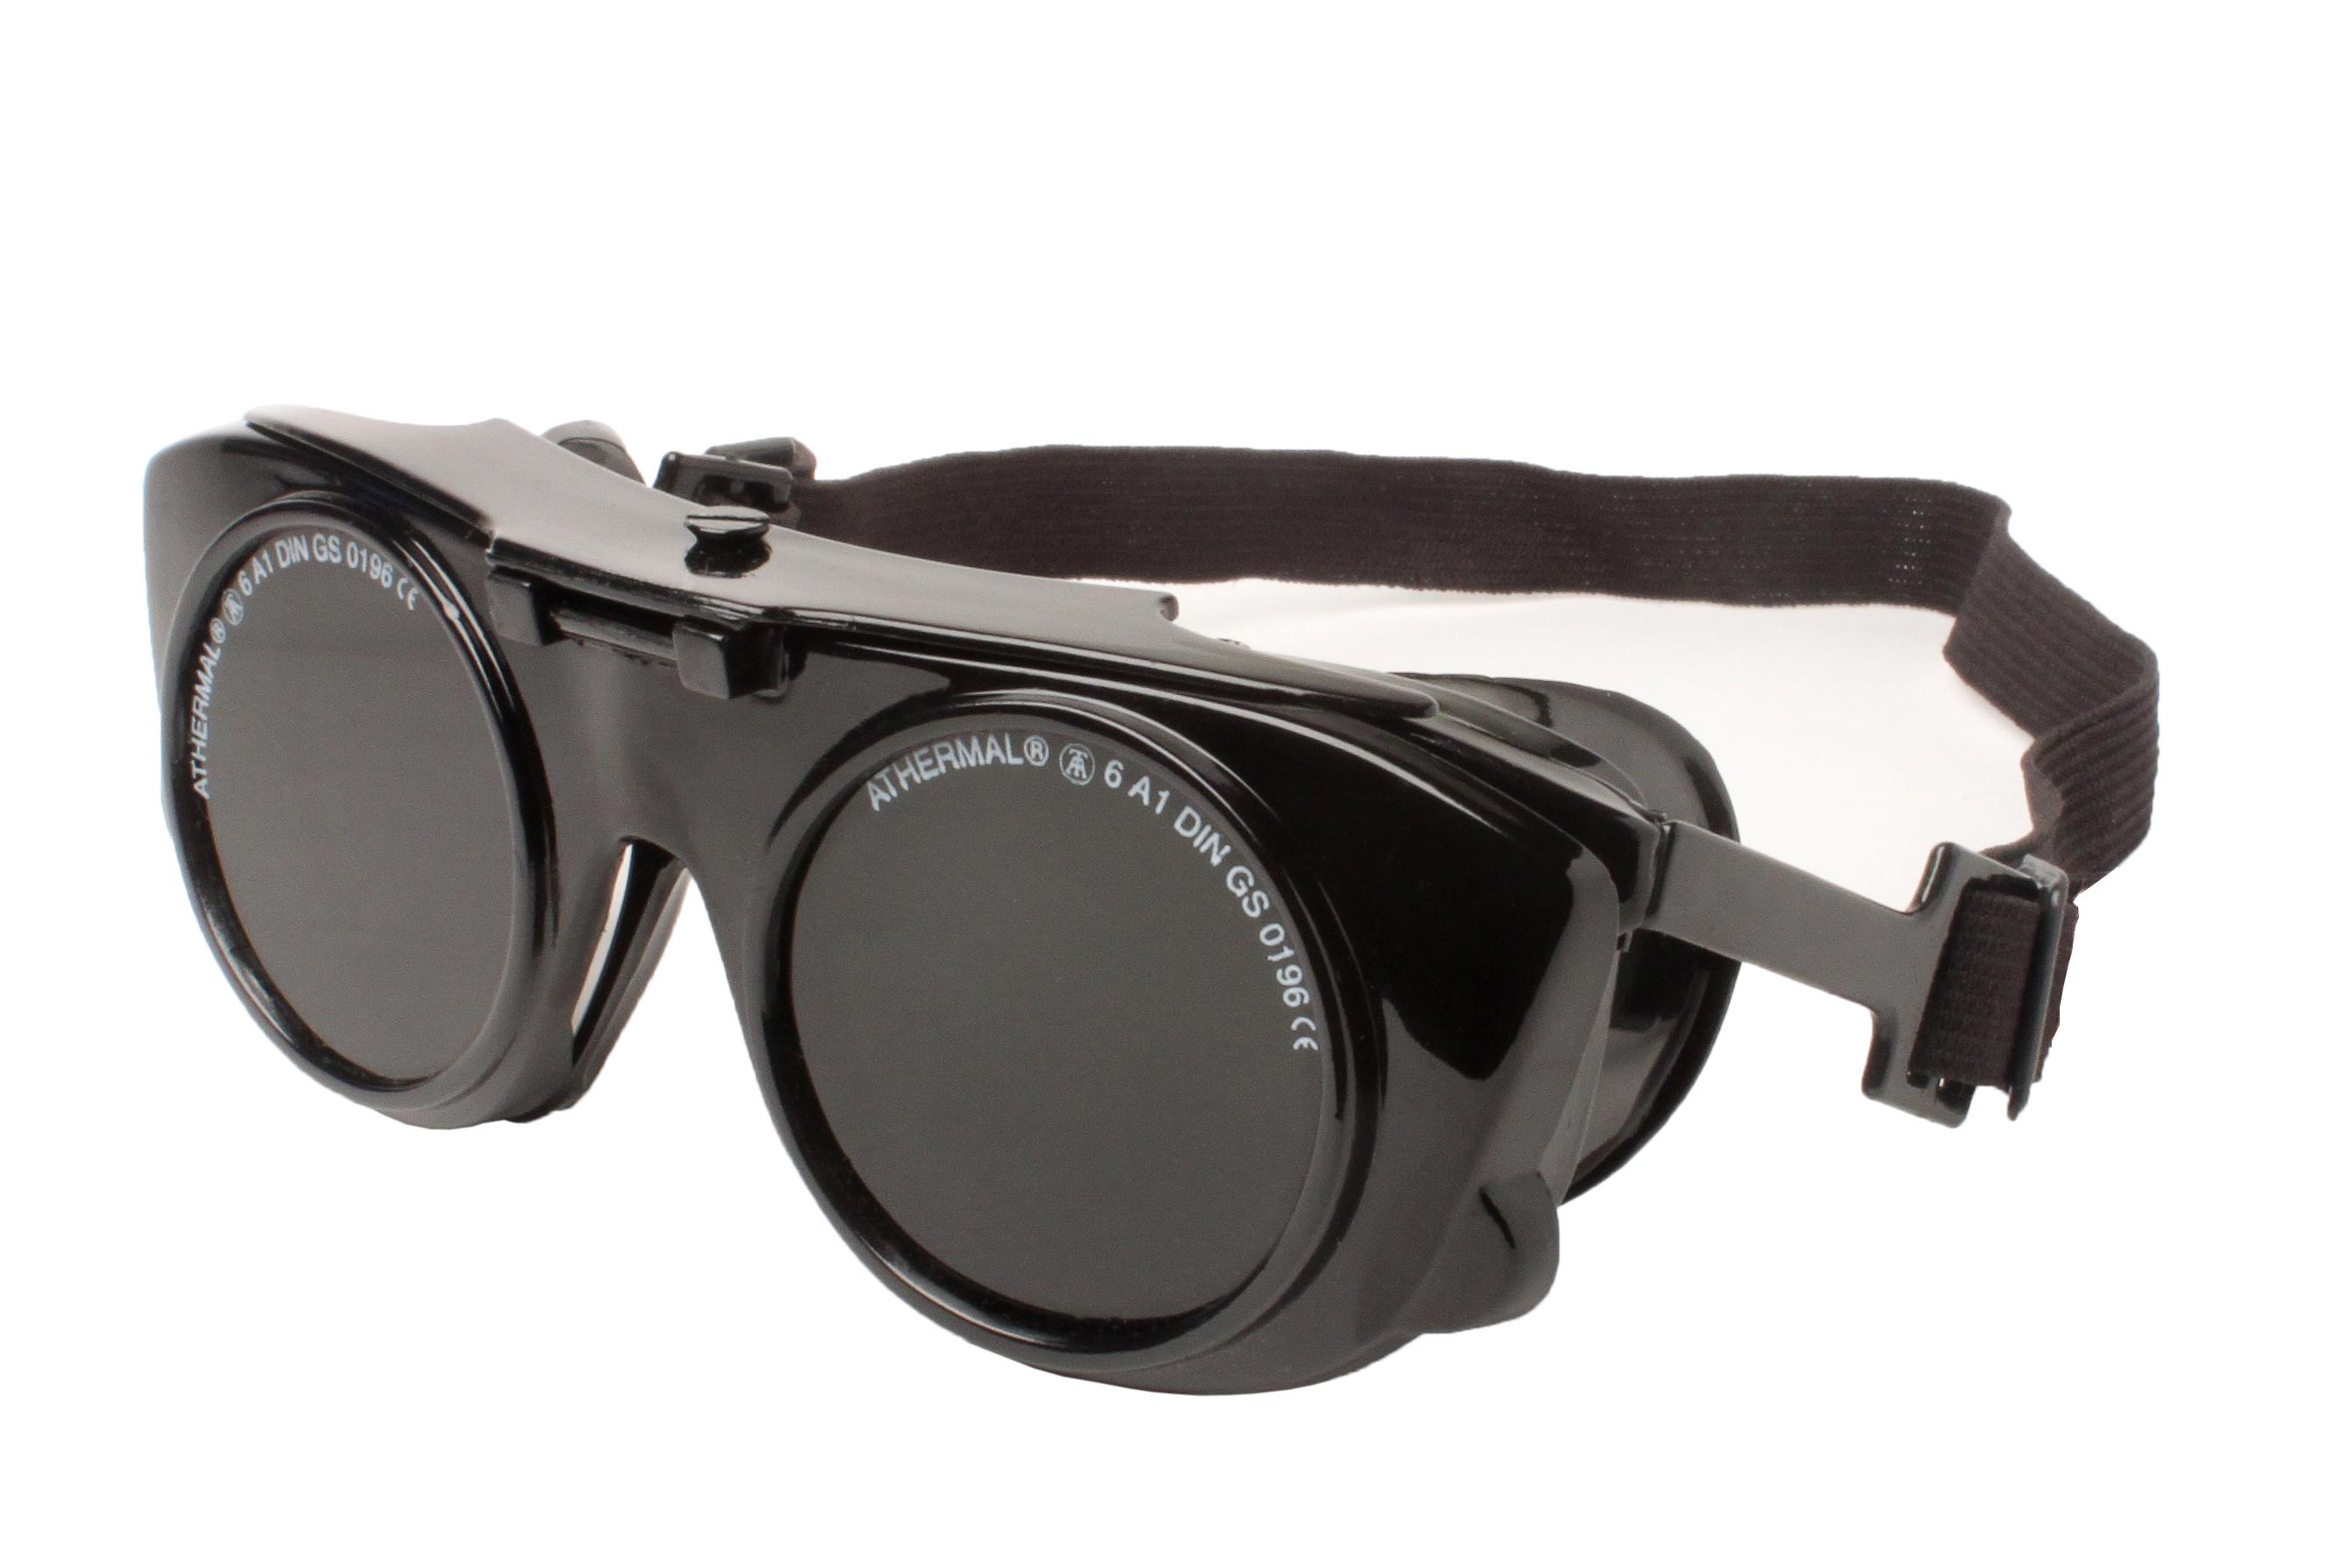 óculos de segurança com grau S 6 4 GB